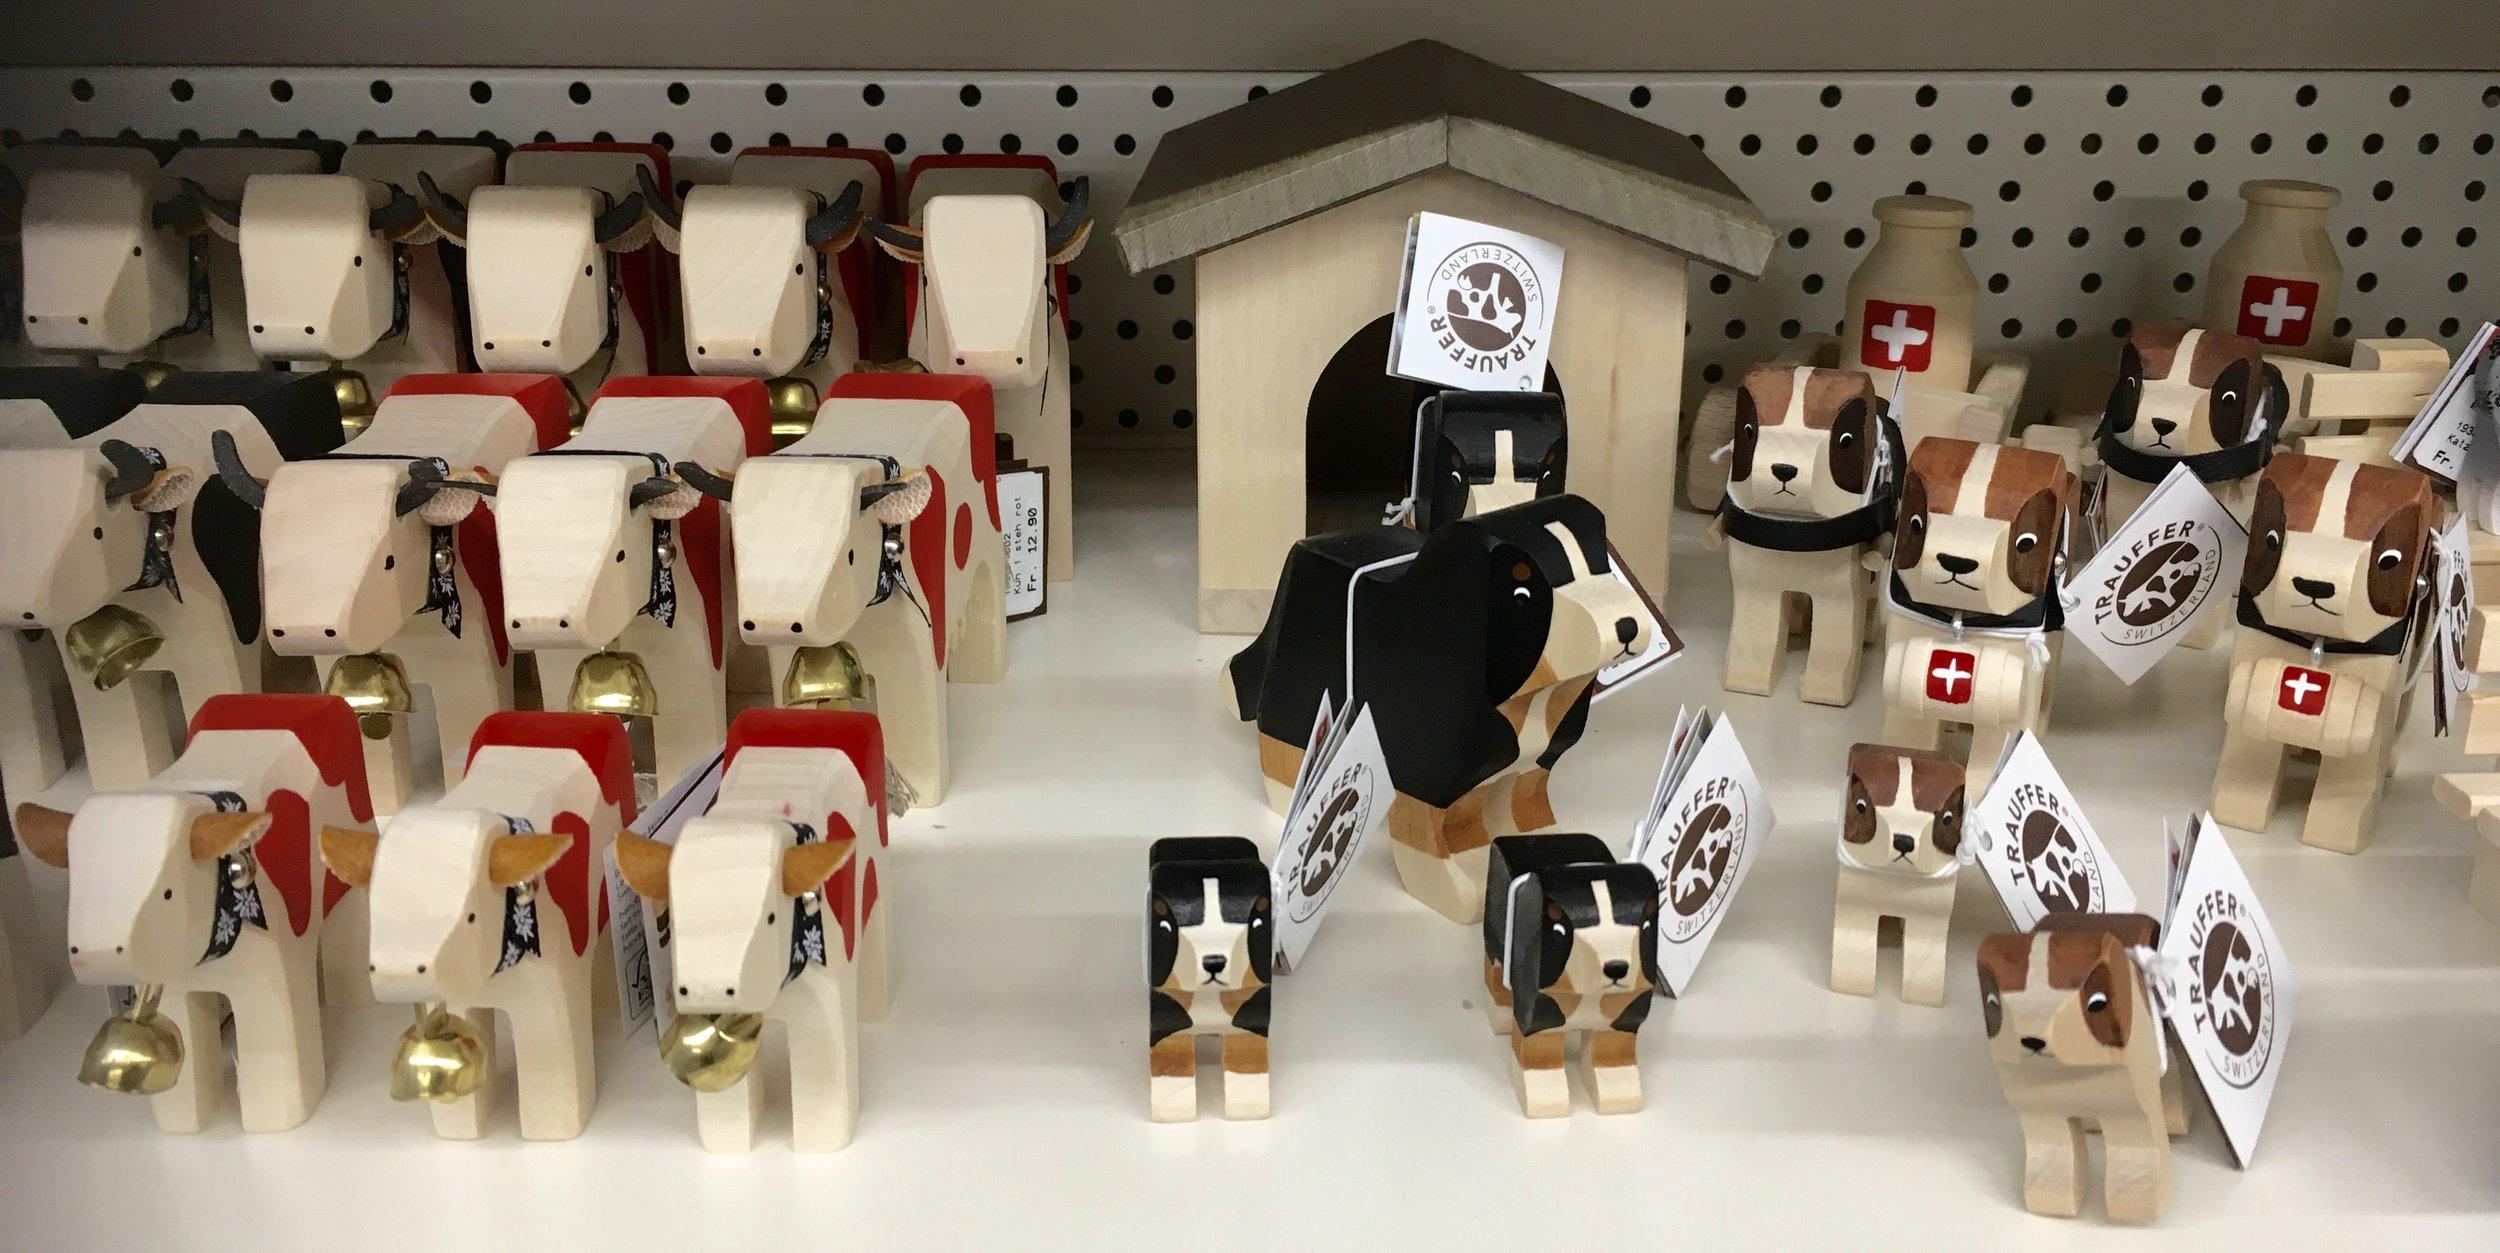 Trauffer Holzkühe und viele weitere Bauernhoftiere warten darauf von Kinderhänden gefüttert zu werden!